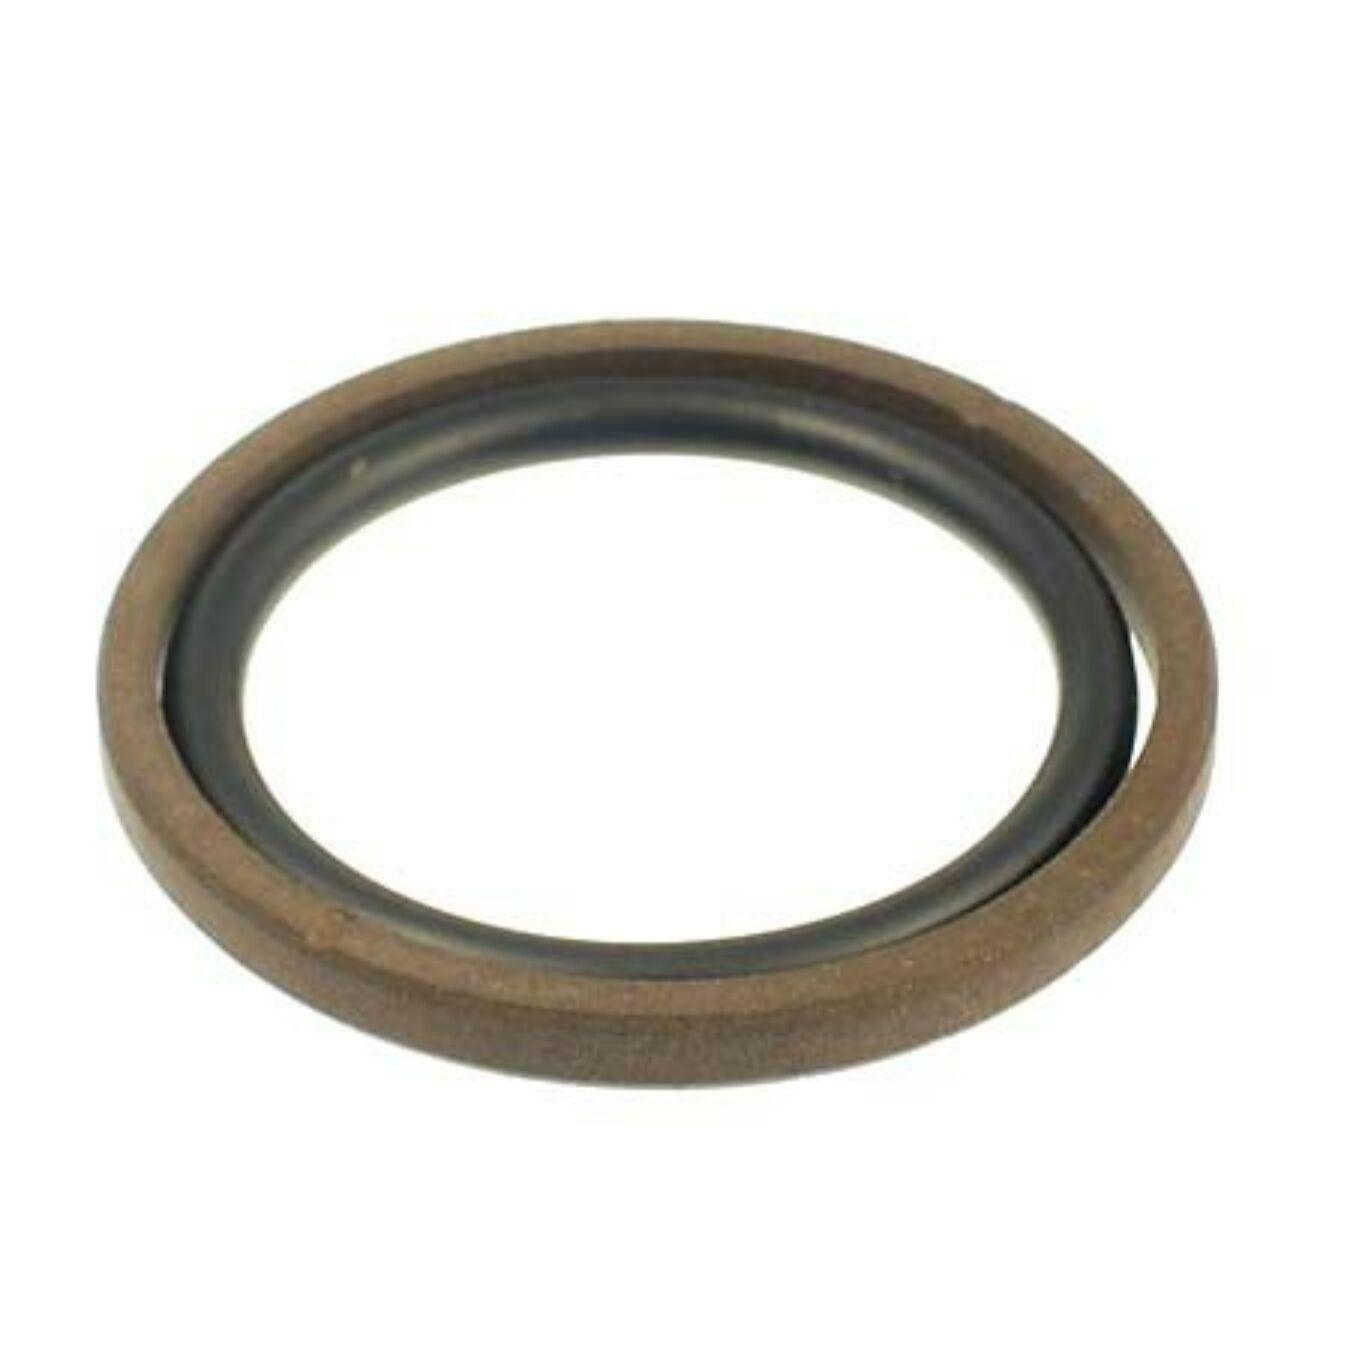 Tömítő gyűrű - belül gumis (olló)